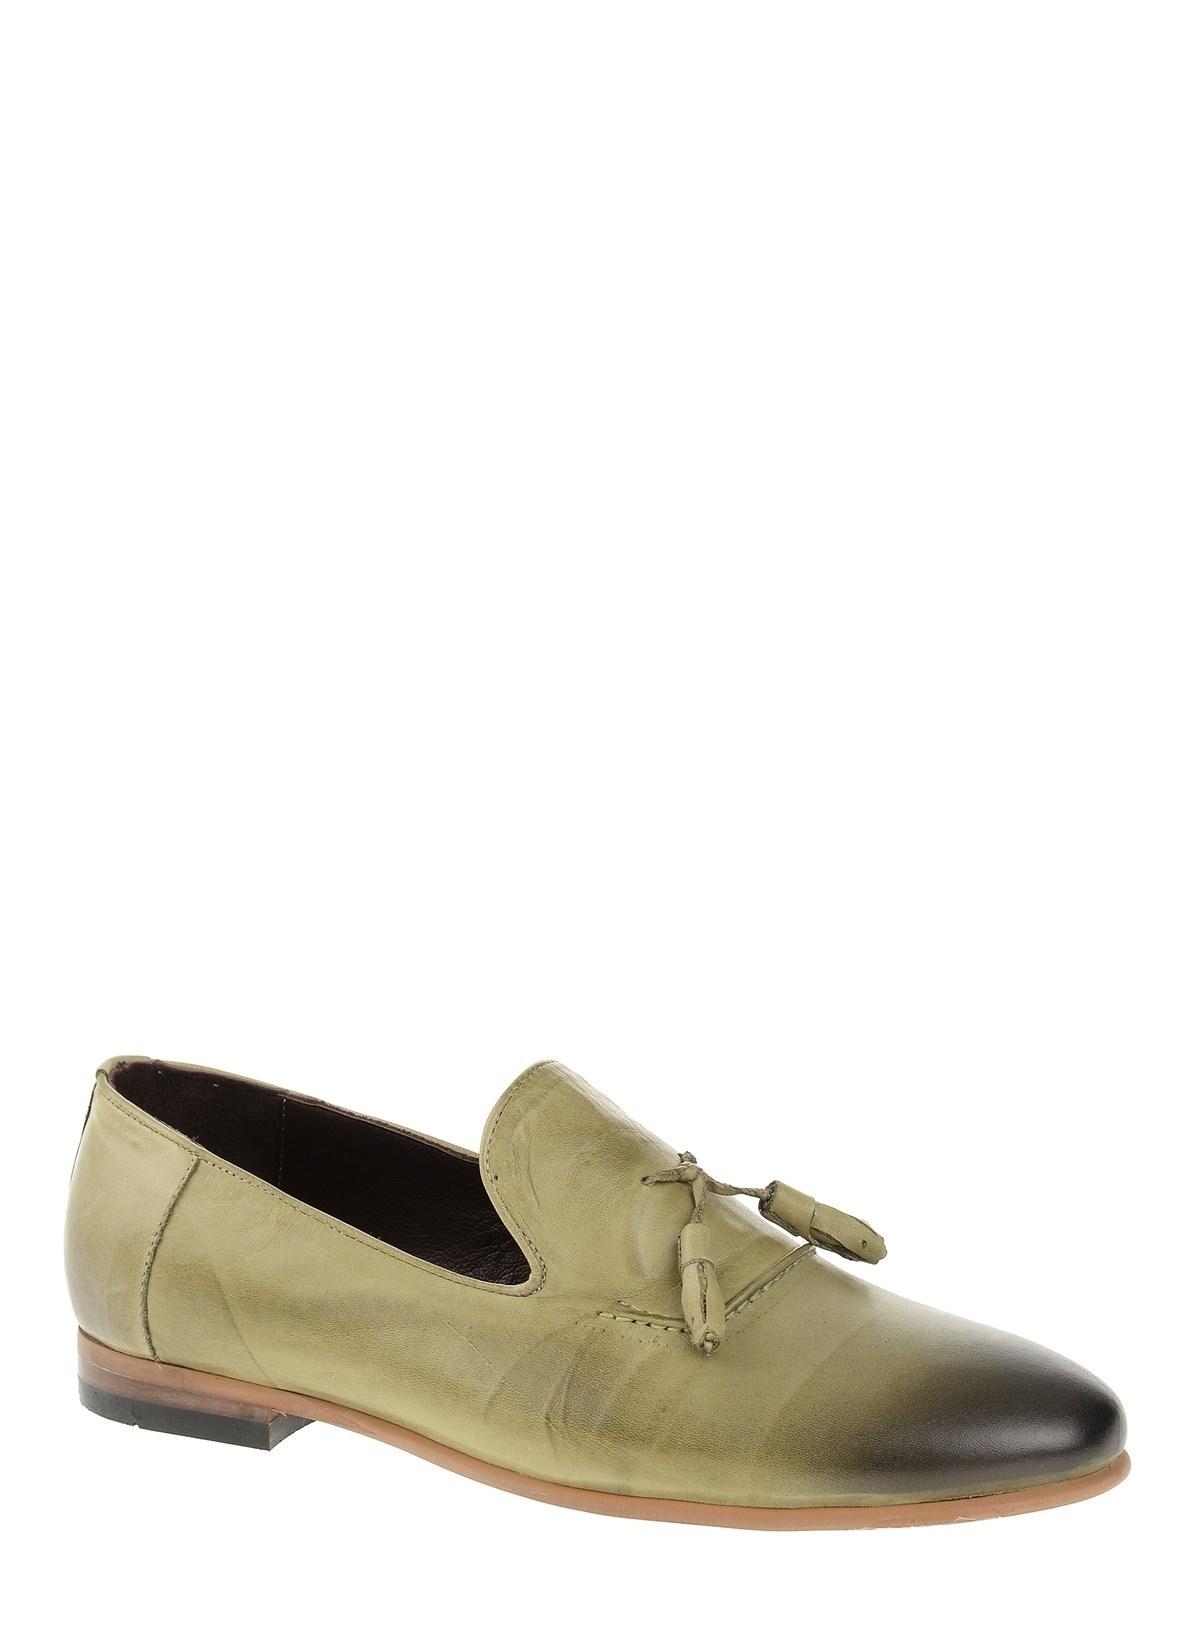 Derigo Loafer Ayakkabı 308004-casual-ayakkabı – 209.9 TL